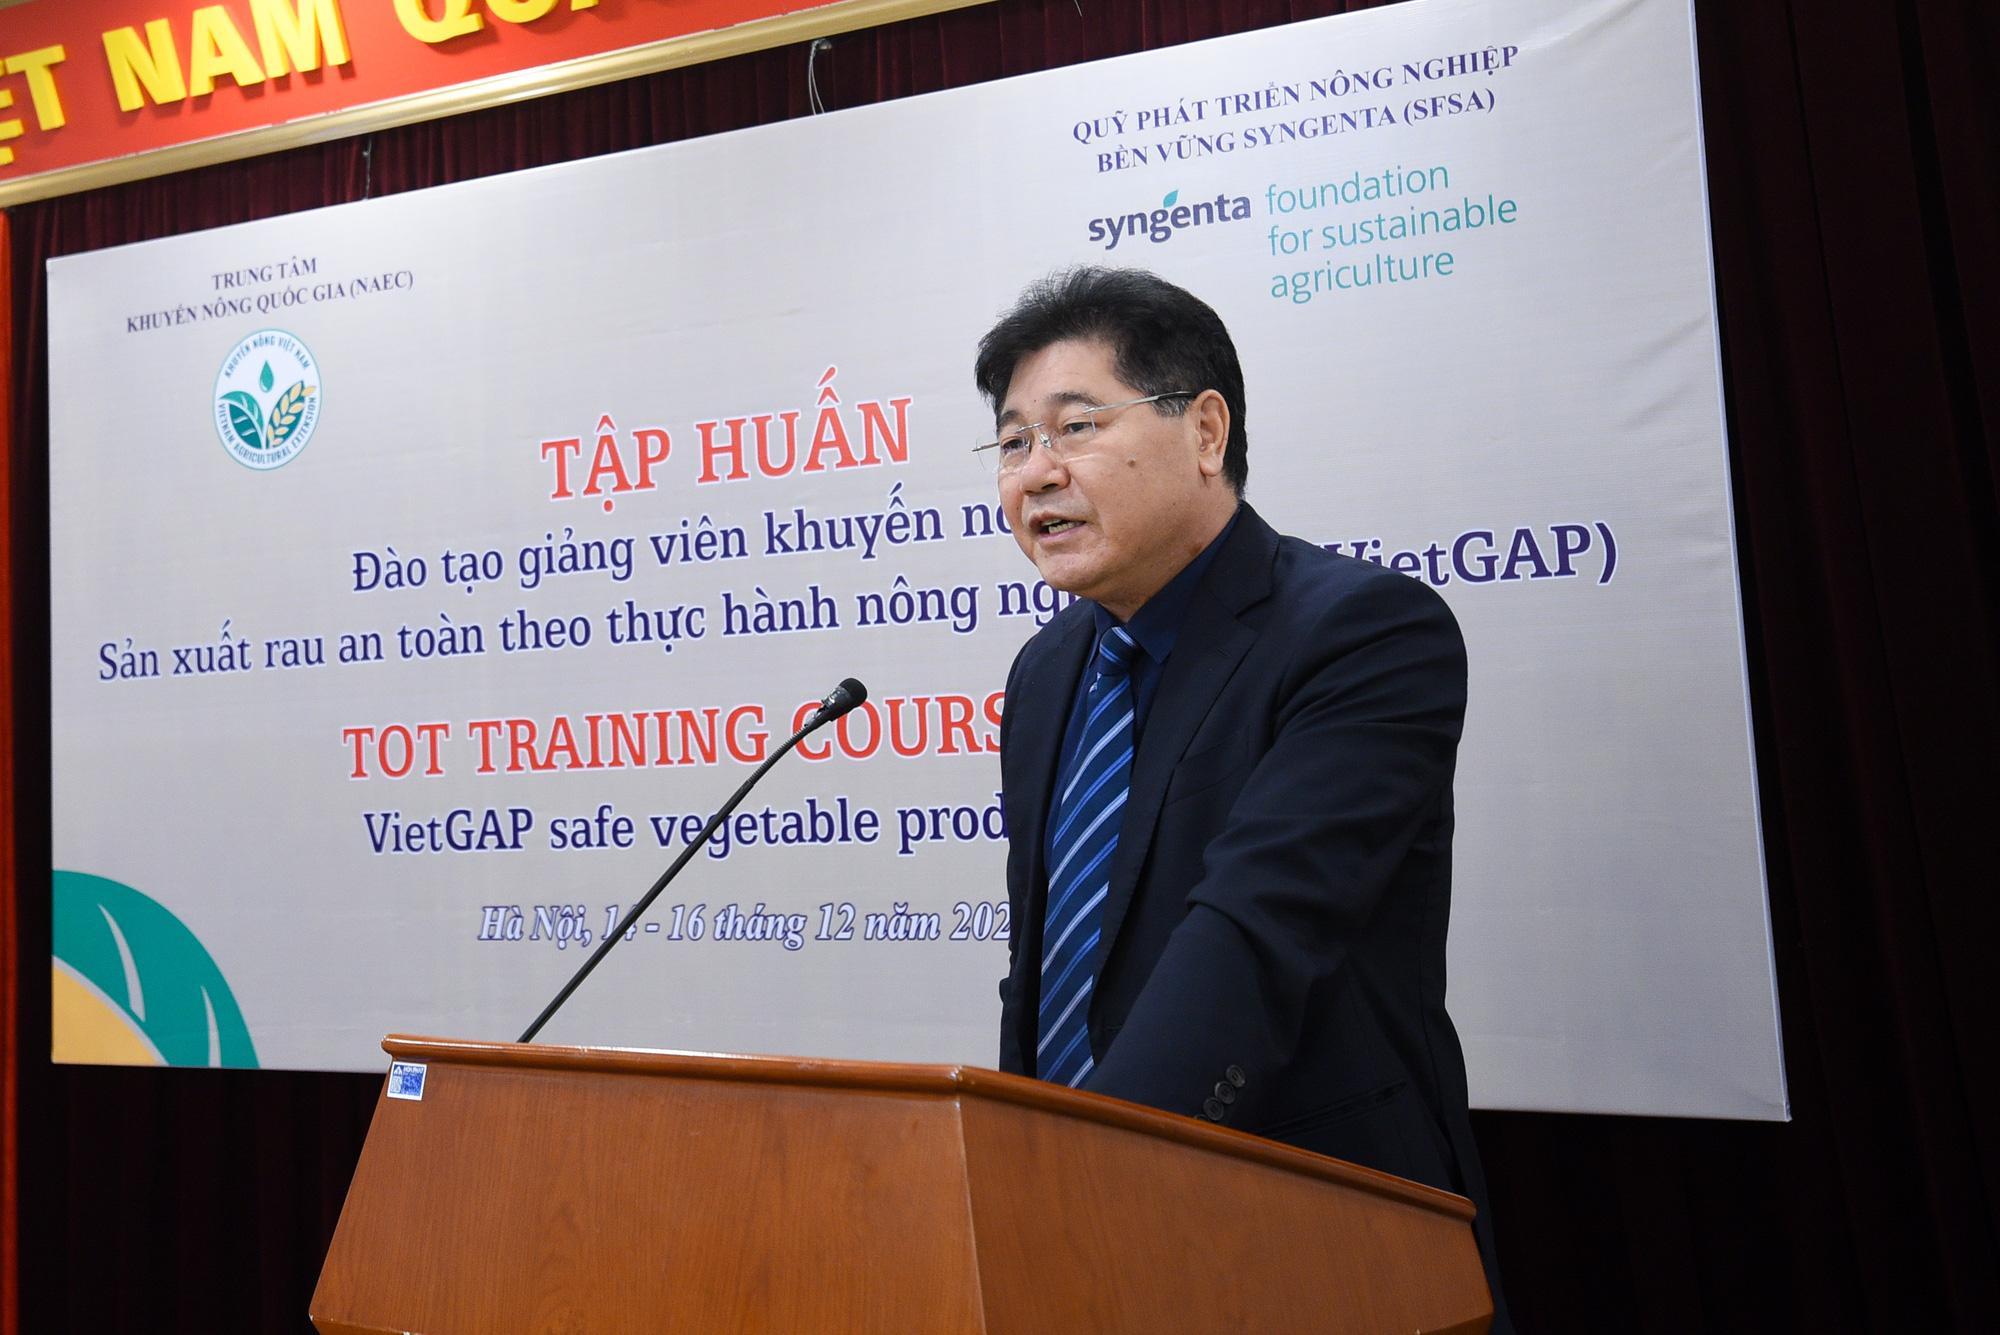 Hà Nội: Cán bộ khuyến nông học trồng rau VietGAP - Ảnh 1.